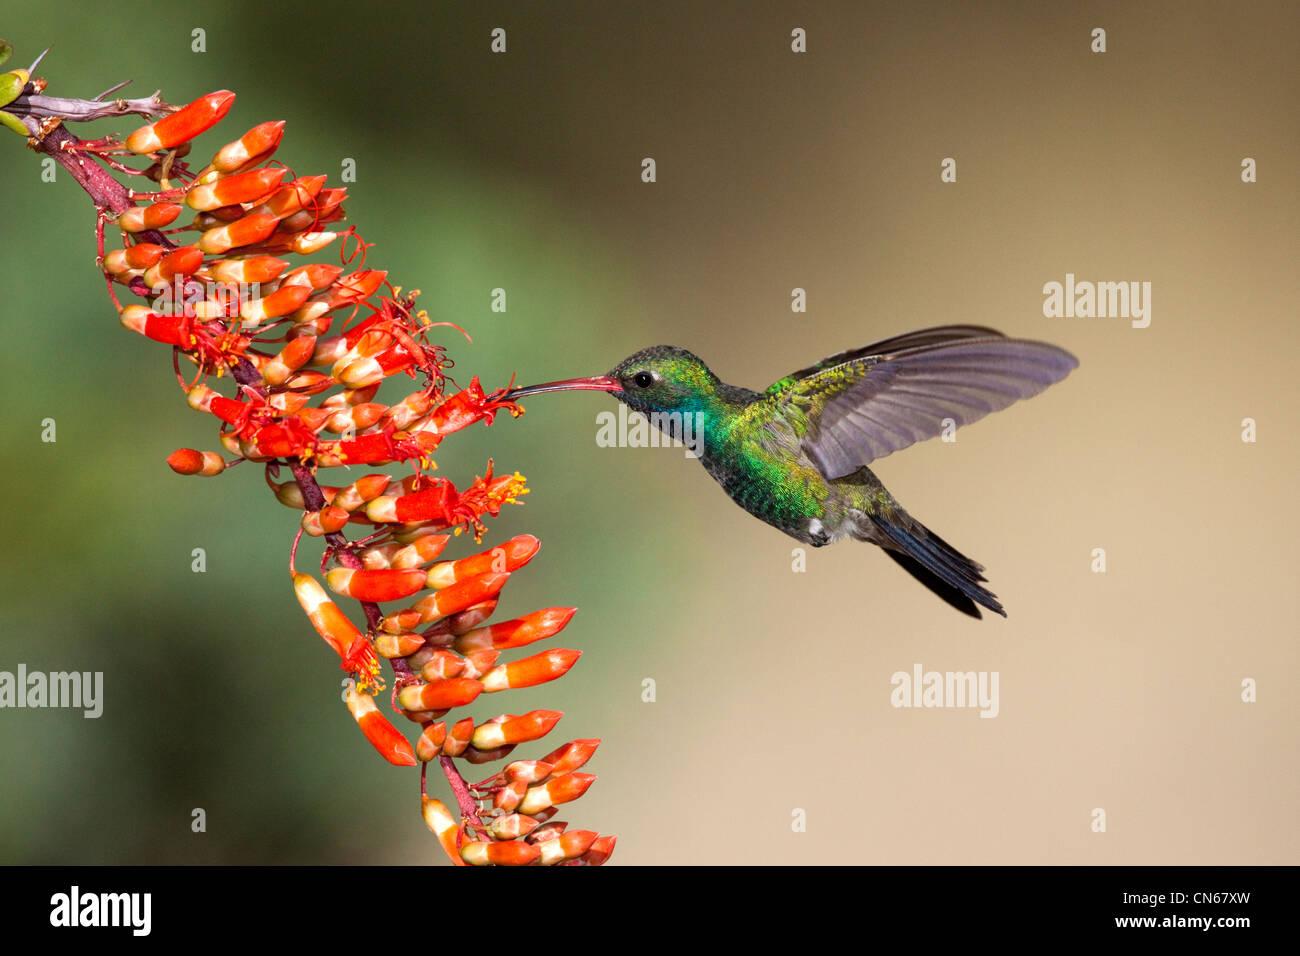 Broad-billed Hummingbird Cynanthus latirostris Madera Canyon, Santa Rita Mountains, Arizona, United States 18 May - Stock Image